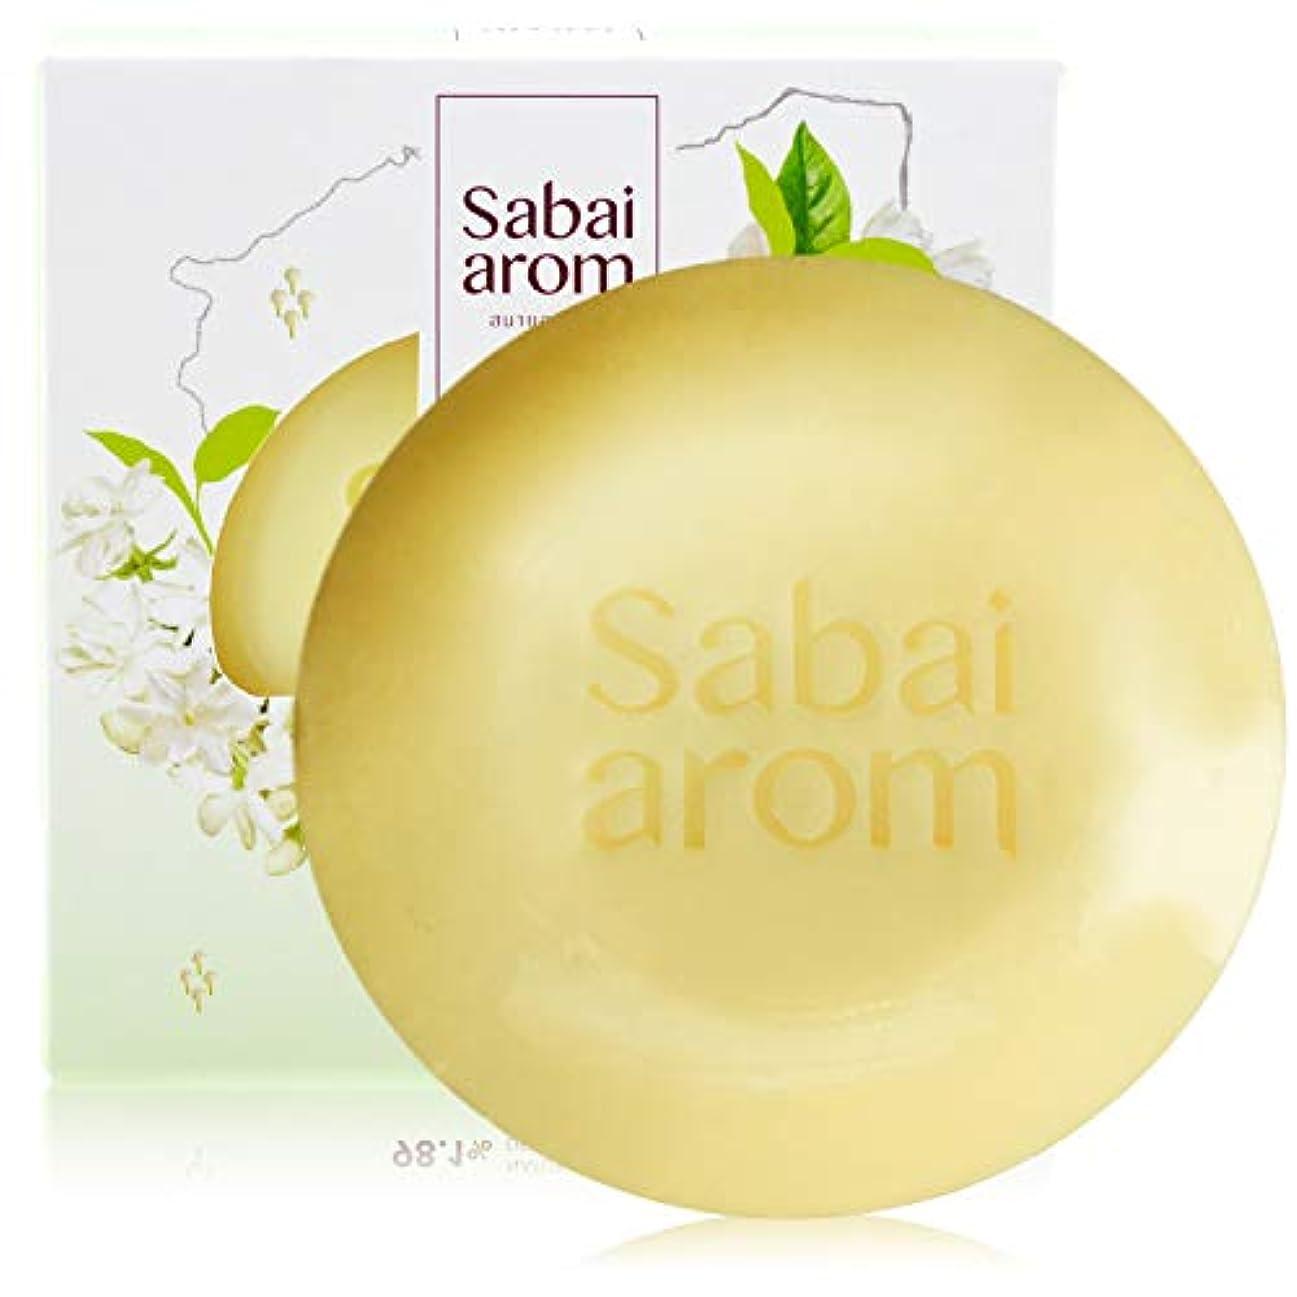 サバイアロム(Sabai-arom) マリラー ジャスミン リチュアル フェイス&ボディソープバー (石鹸) 100g【JAS】【001】